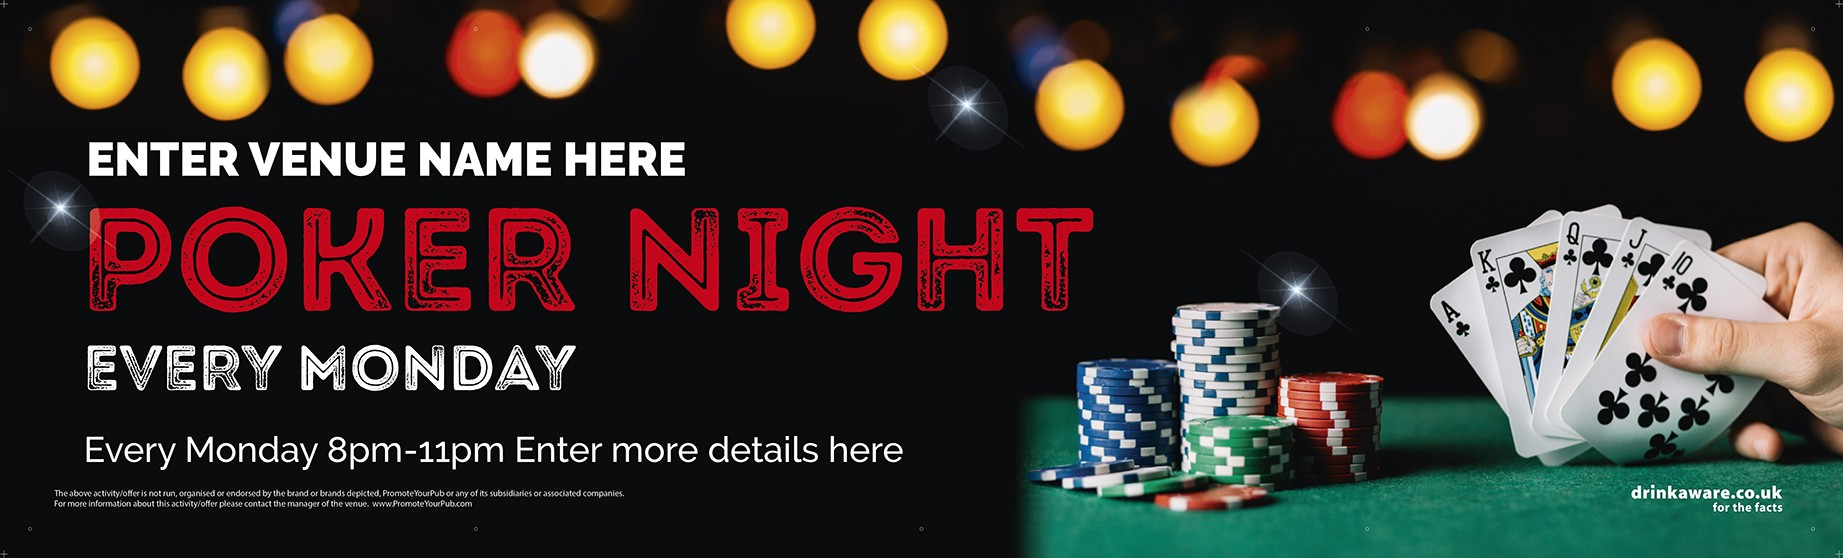 Poker Night Banner (photo) (Lrg)